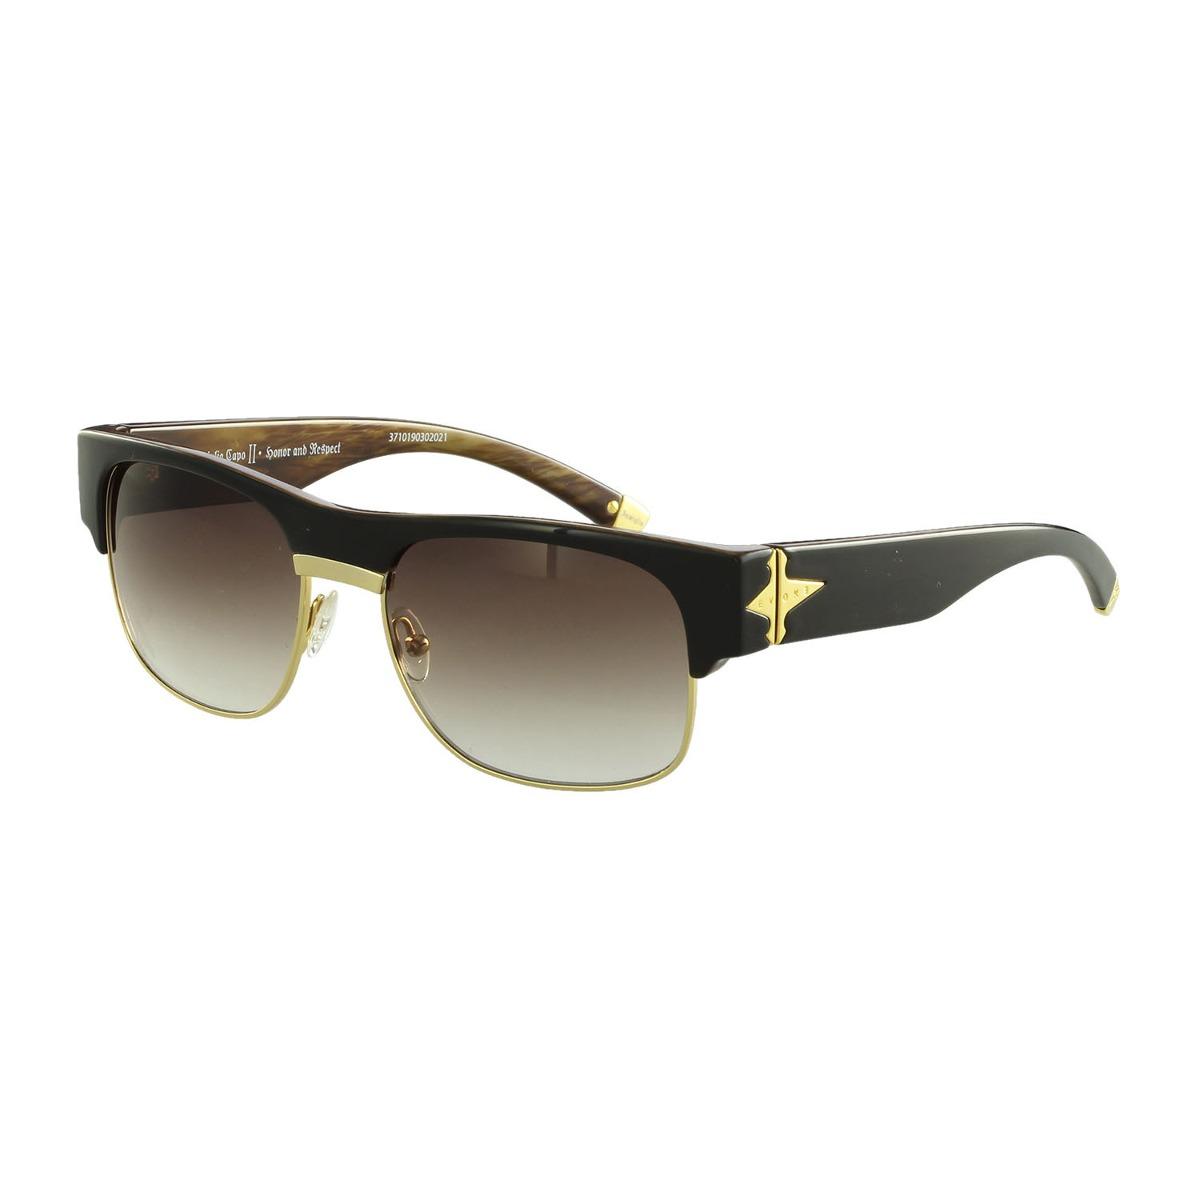 6430688497ee7 Óculos De Sol Evoke Casual Preto Aev1m01690 - R  495,00 em Mercado Livre